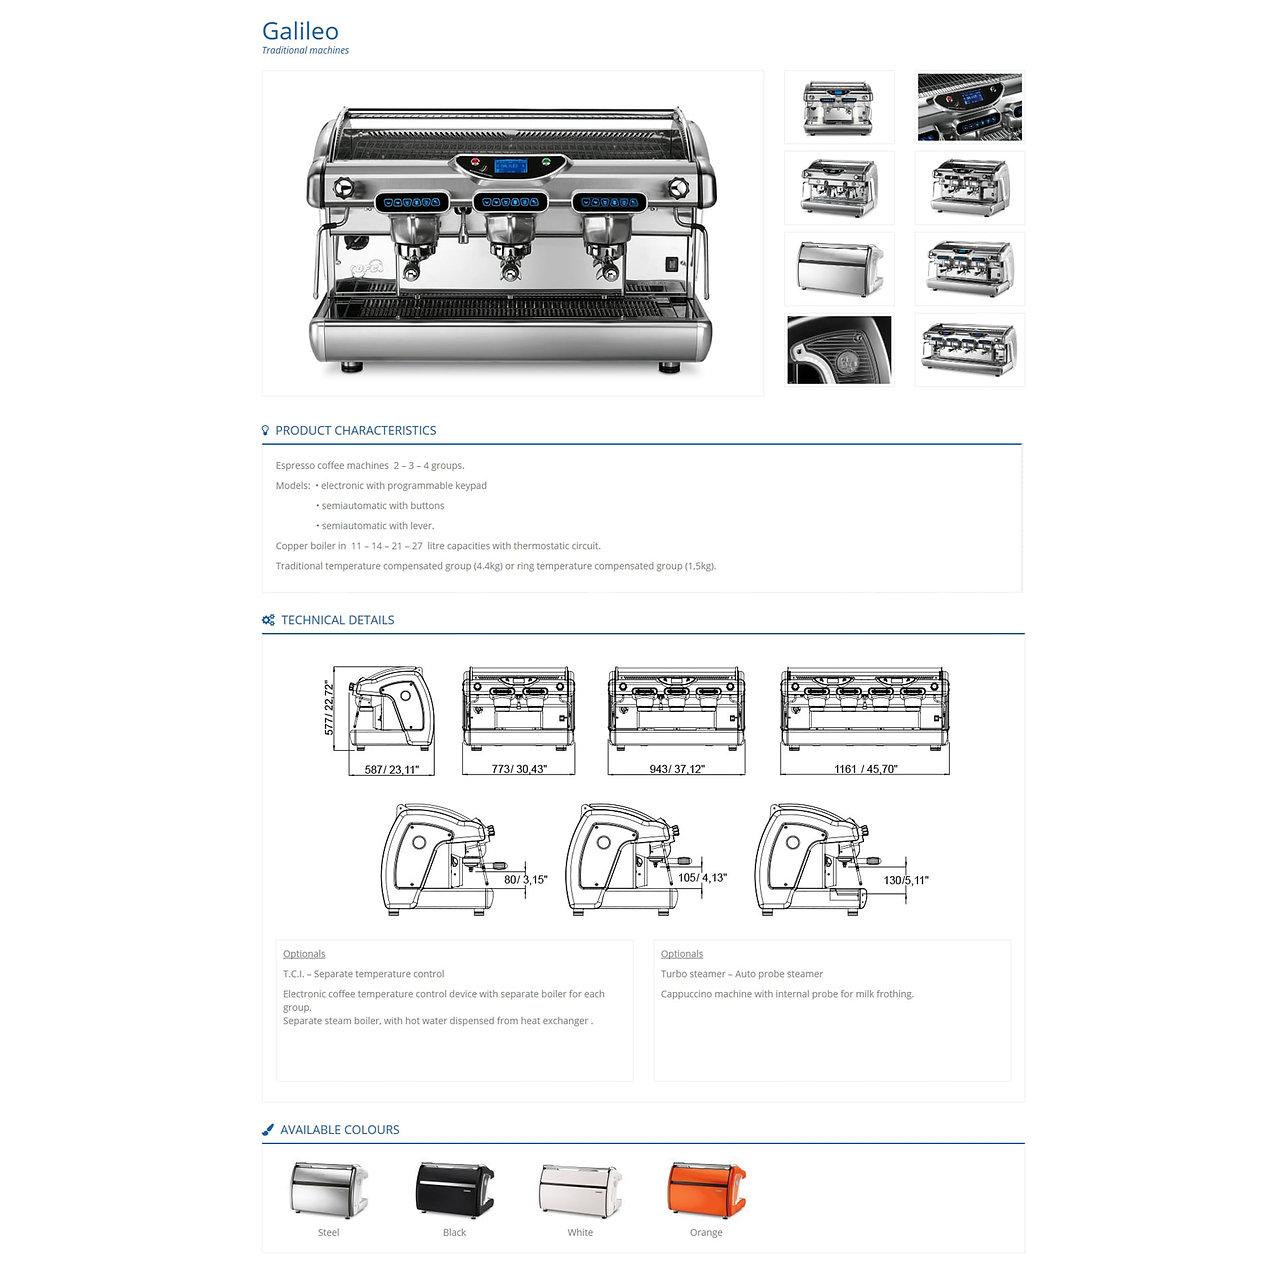 shop1_149_top_480714.jpg